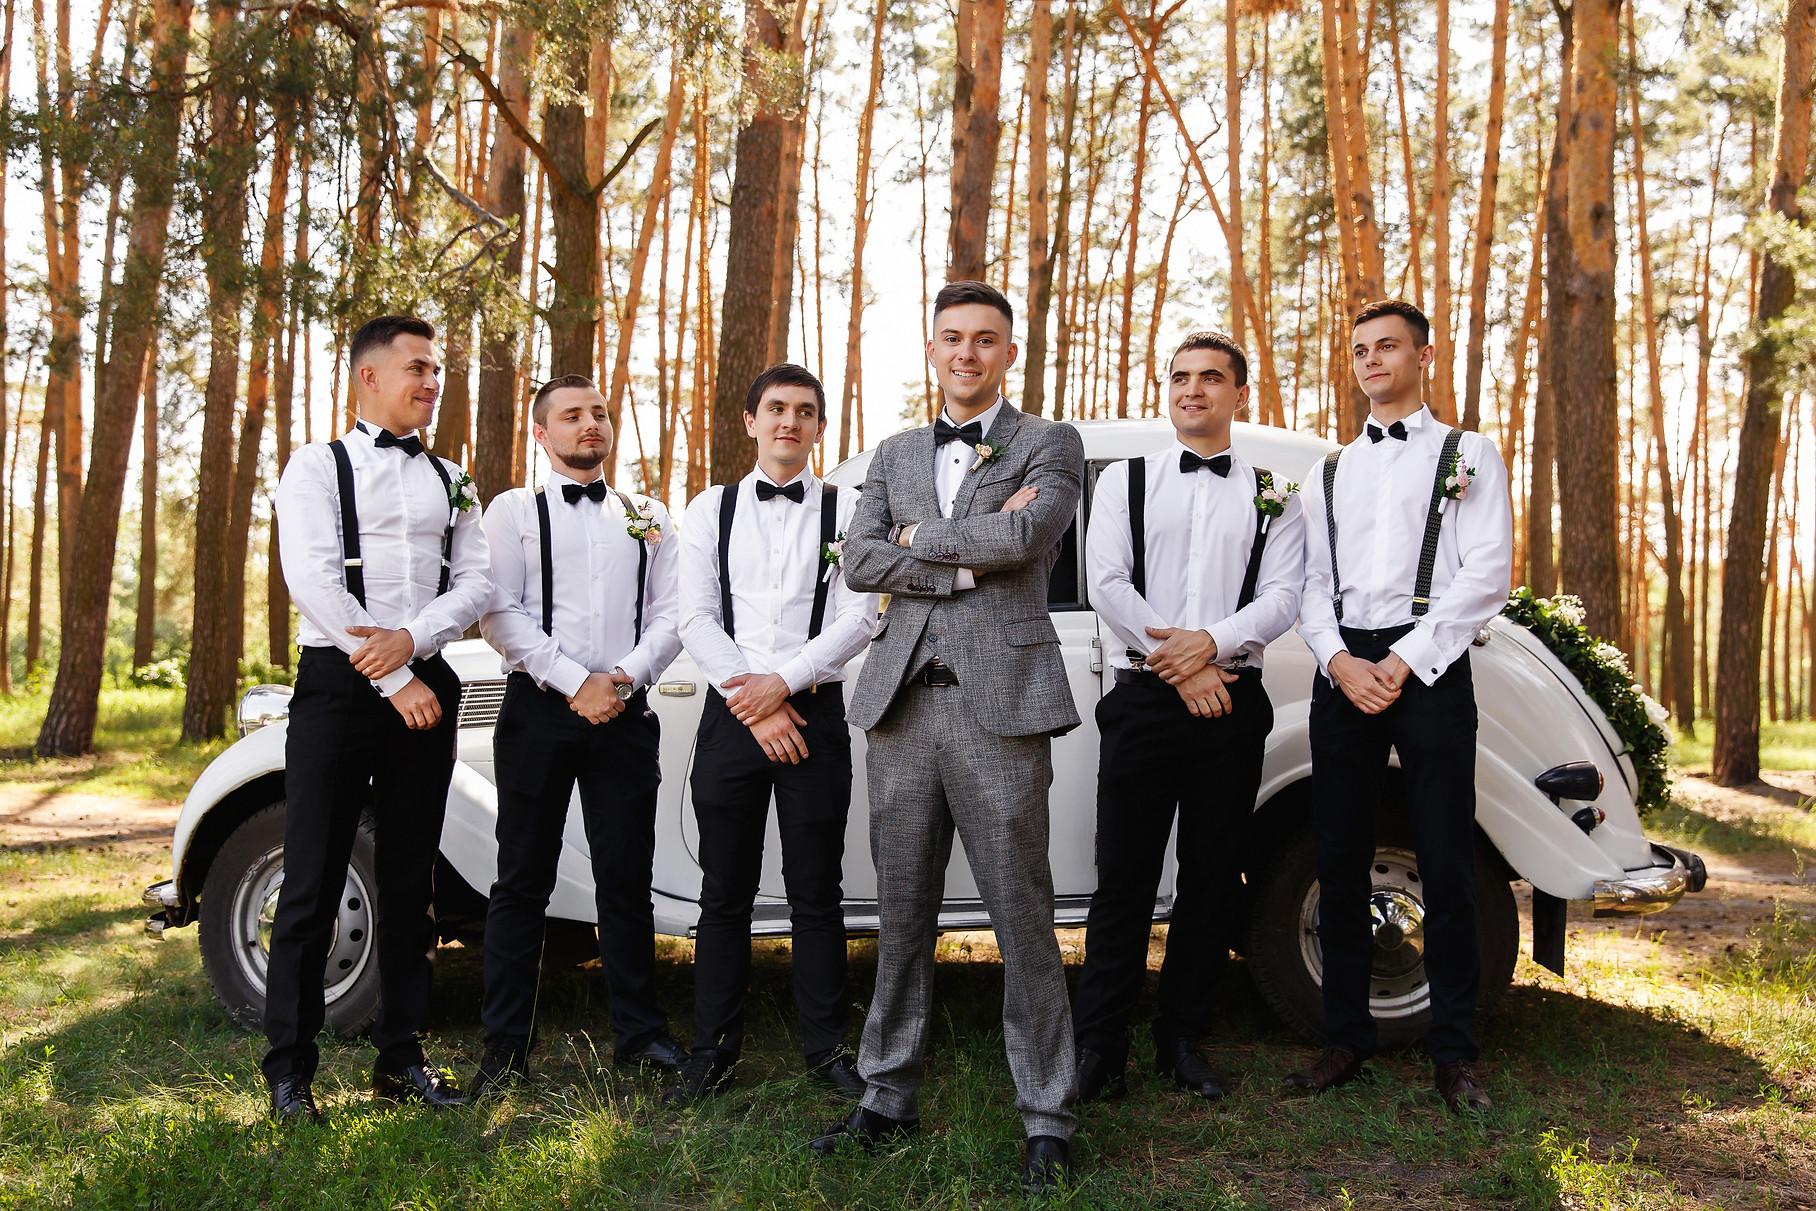 Group wedding photo of elegant groom in